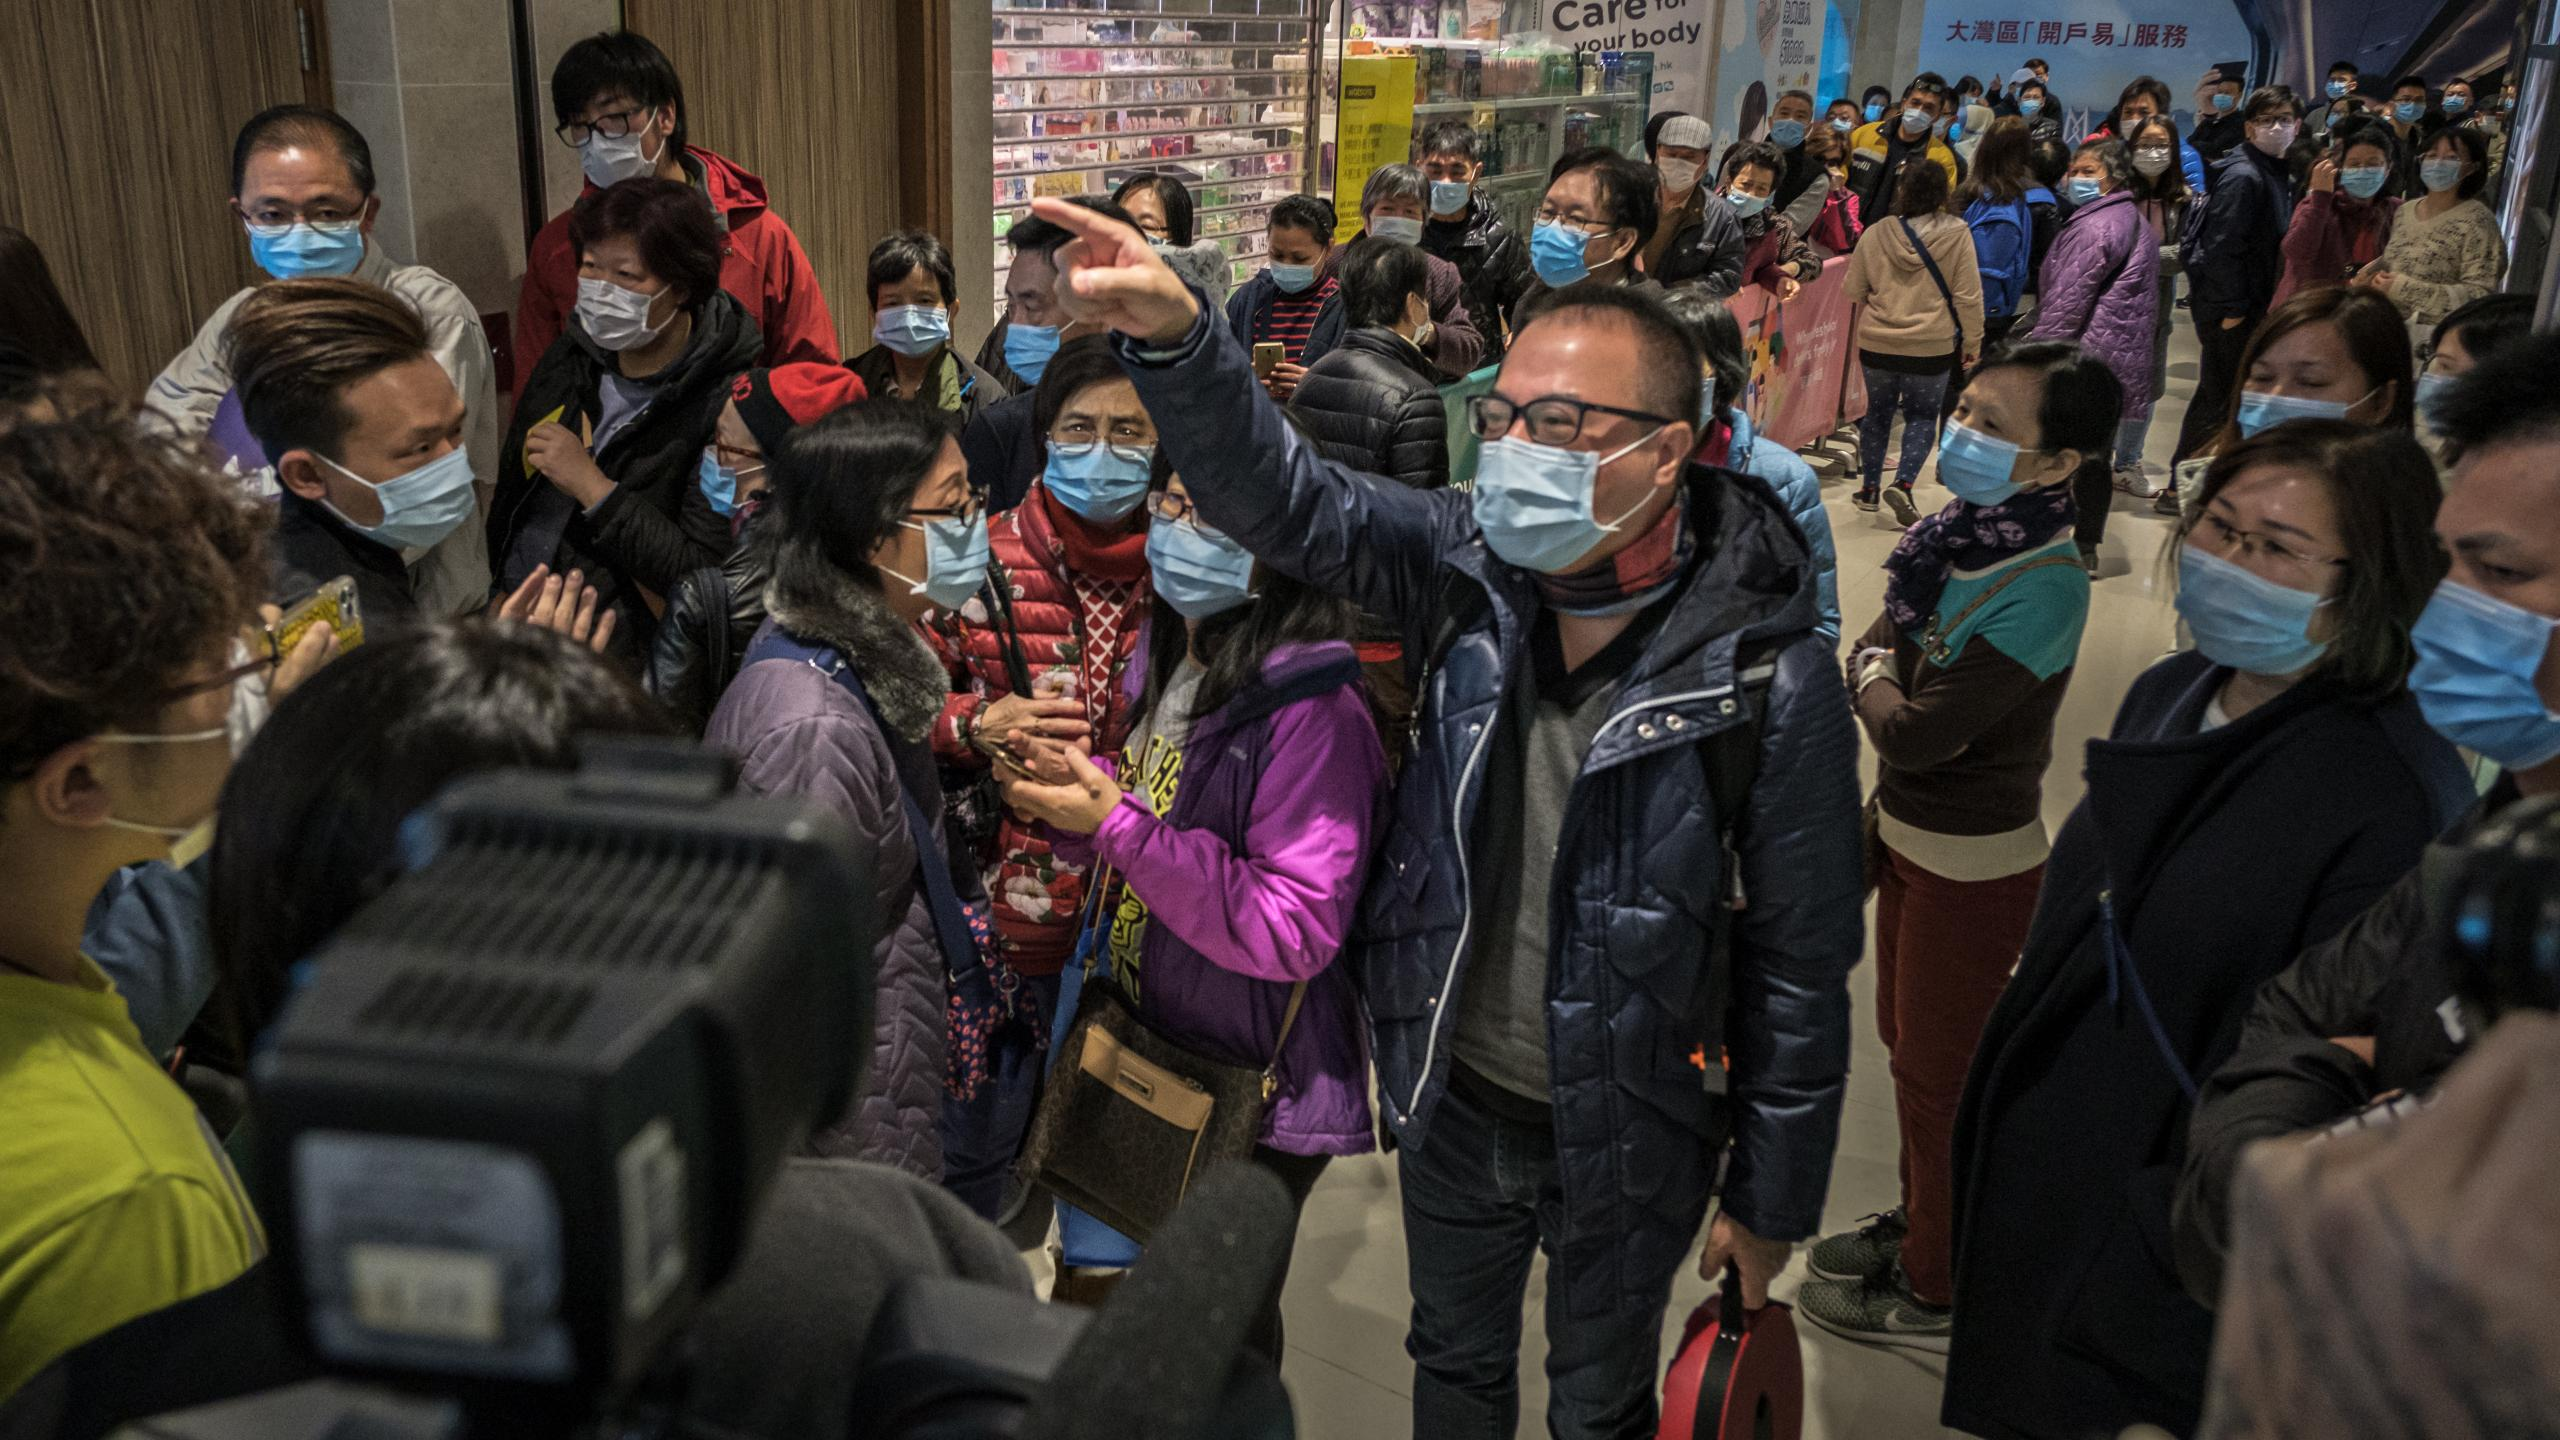 С точки зрения науки: помогают ли маски от вируса?